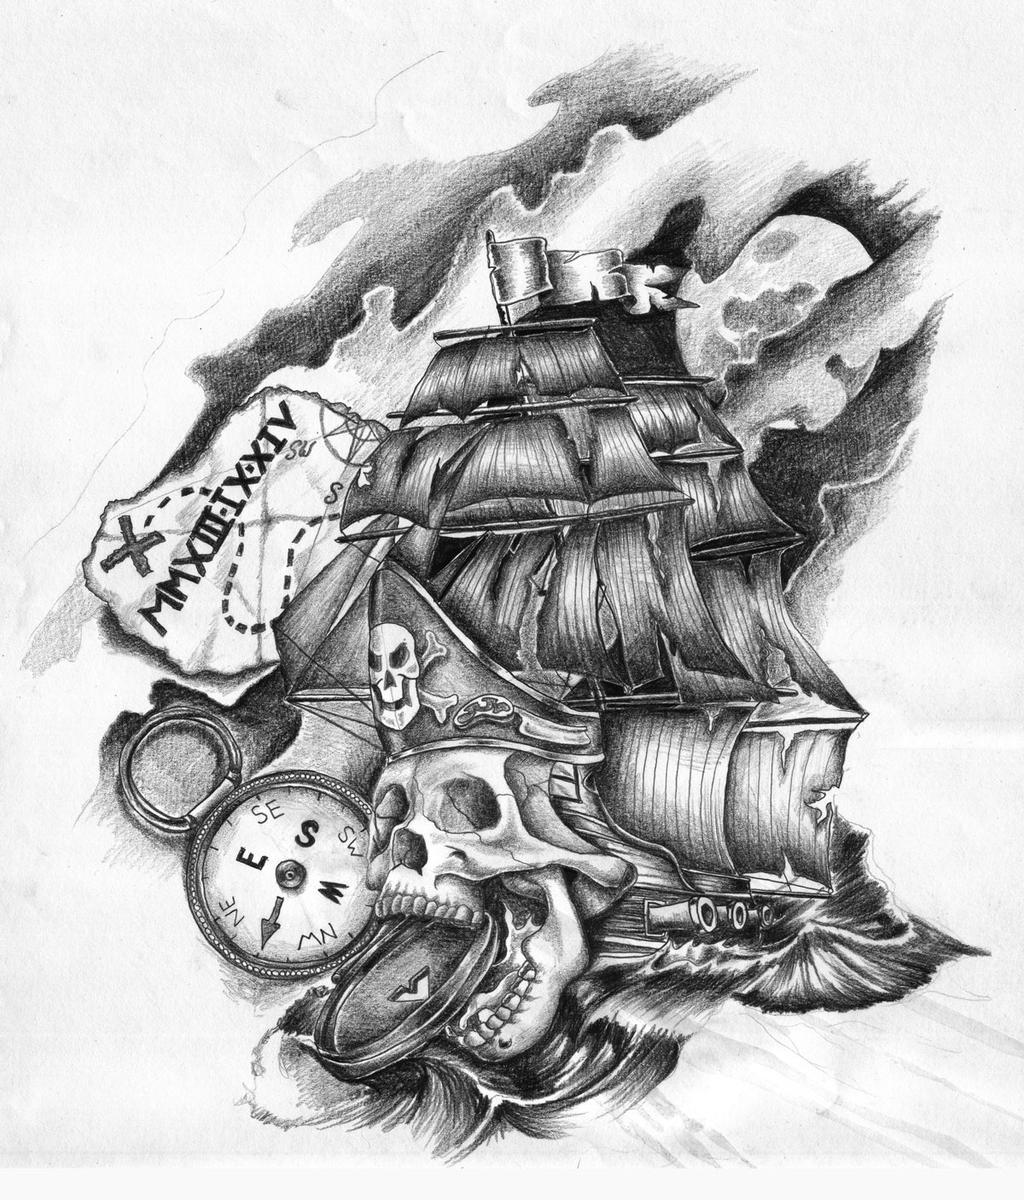 Pirate Ship Tattoo Designs